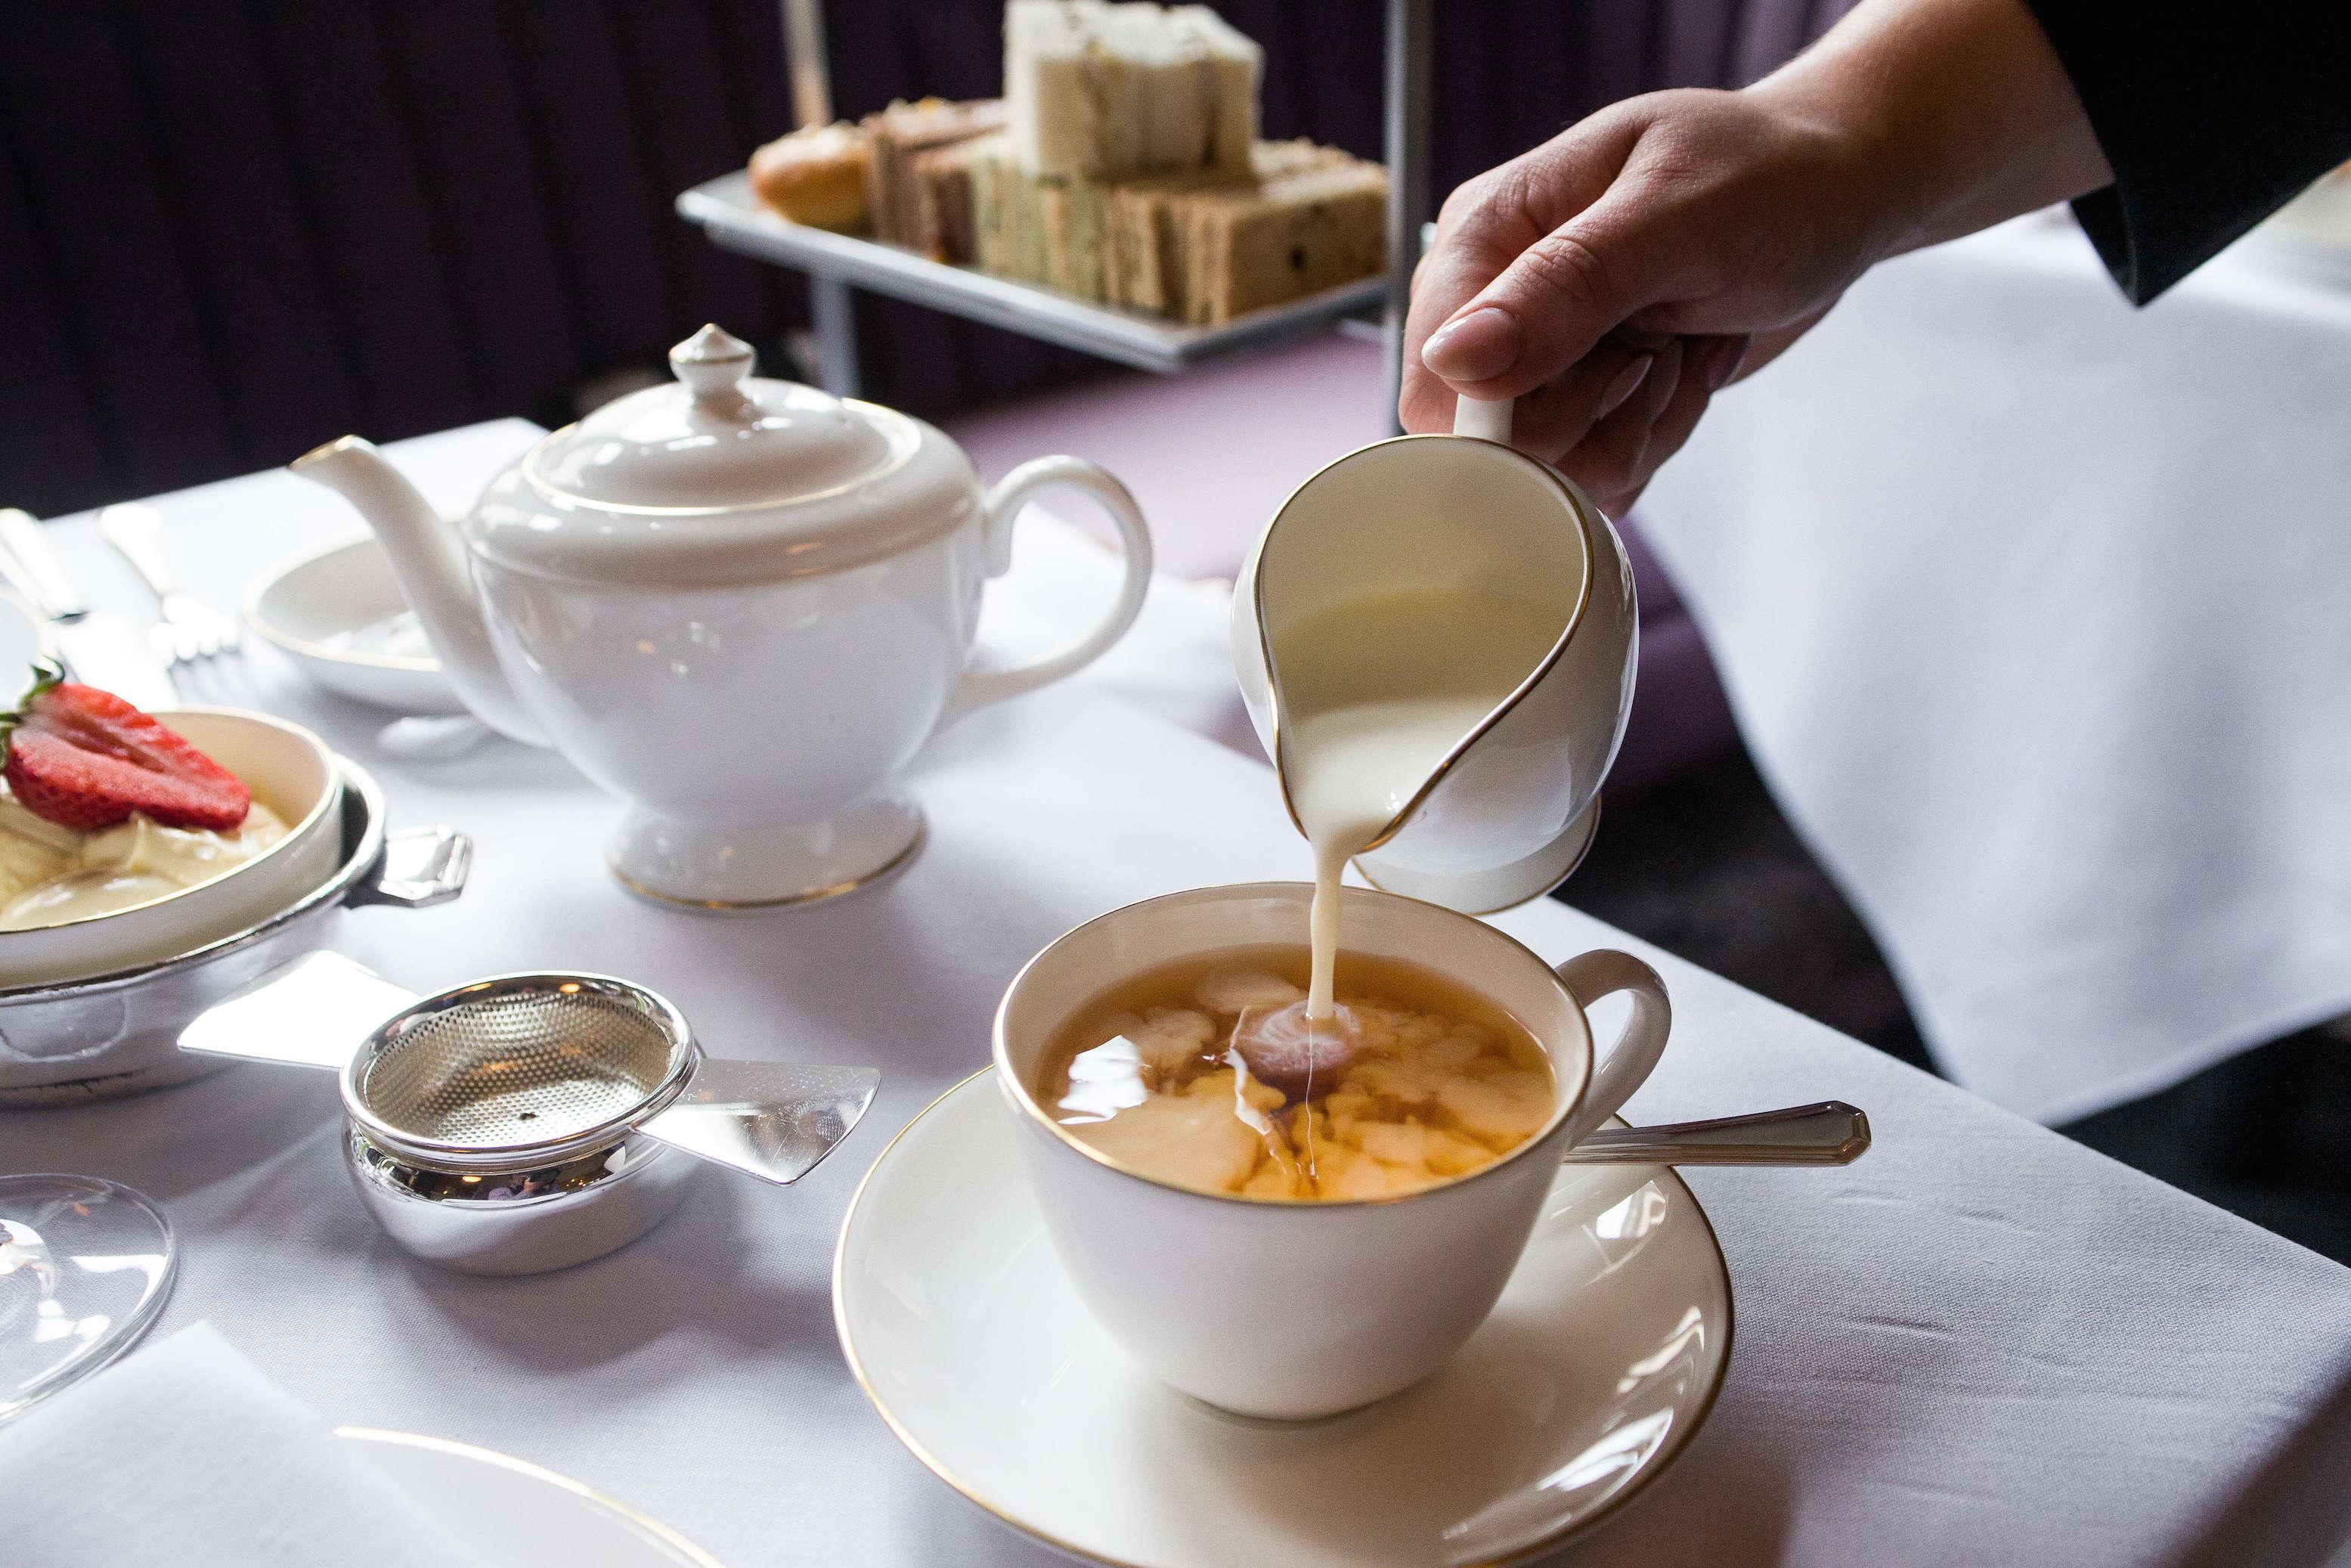 Midland Hotel tea